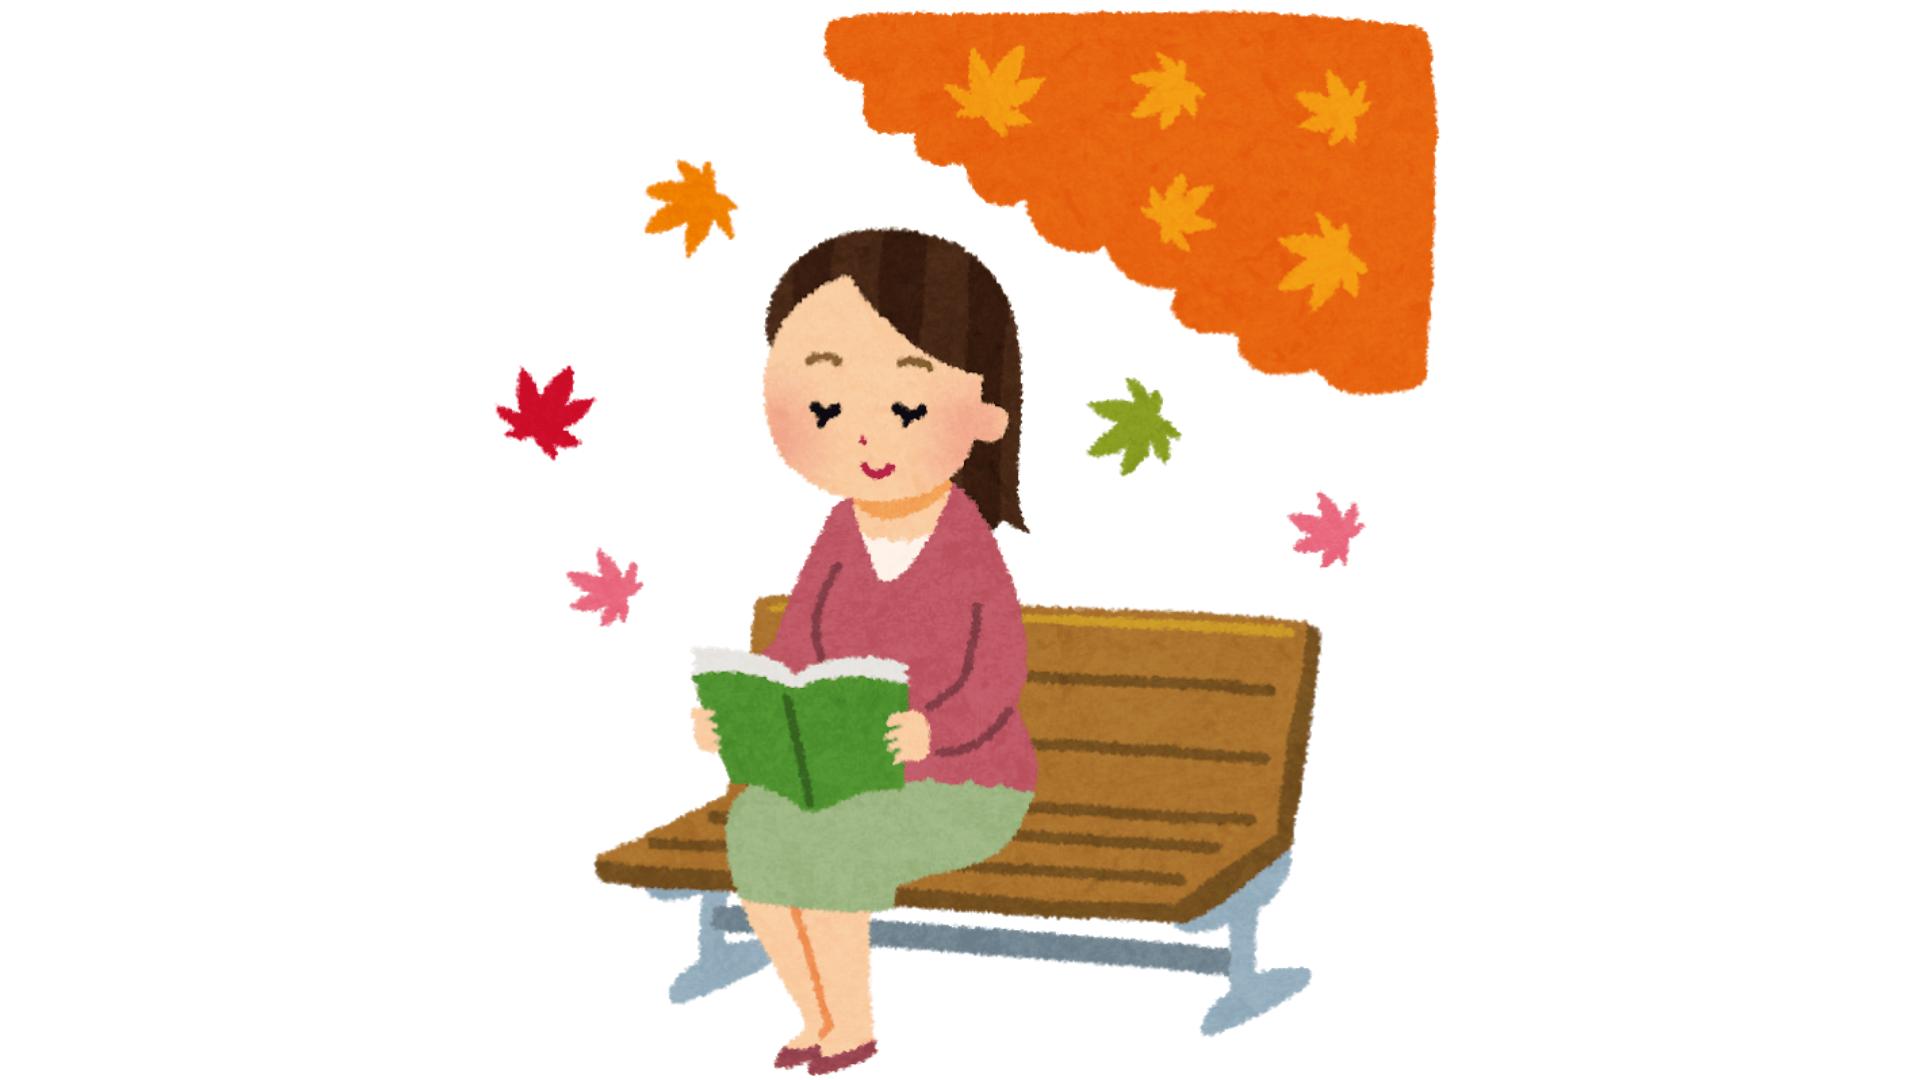 本は高コスパ教材。読書を薦める理由【本で学び理由を理解する】